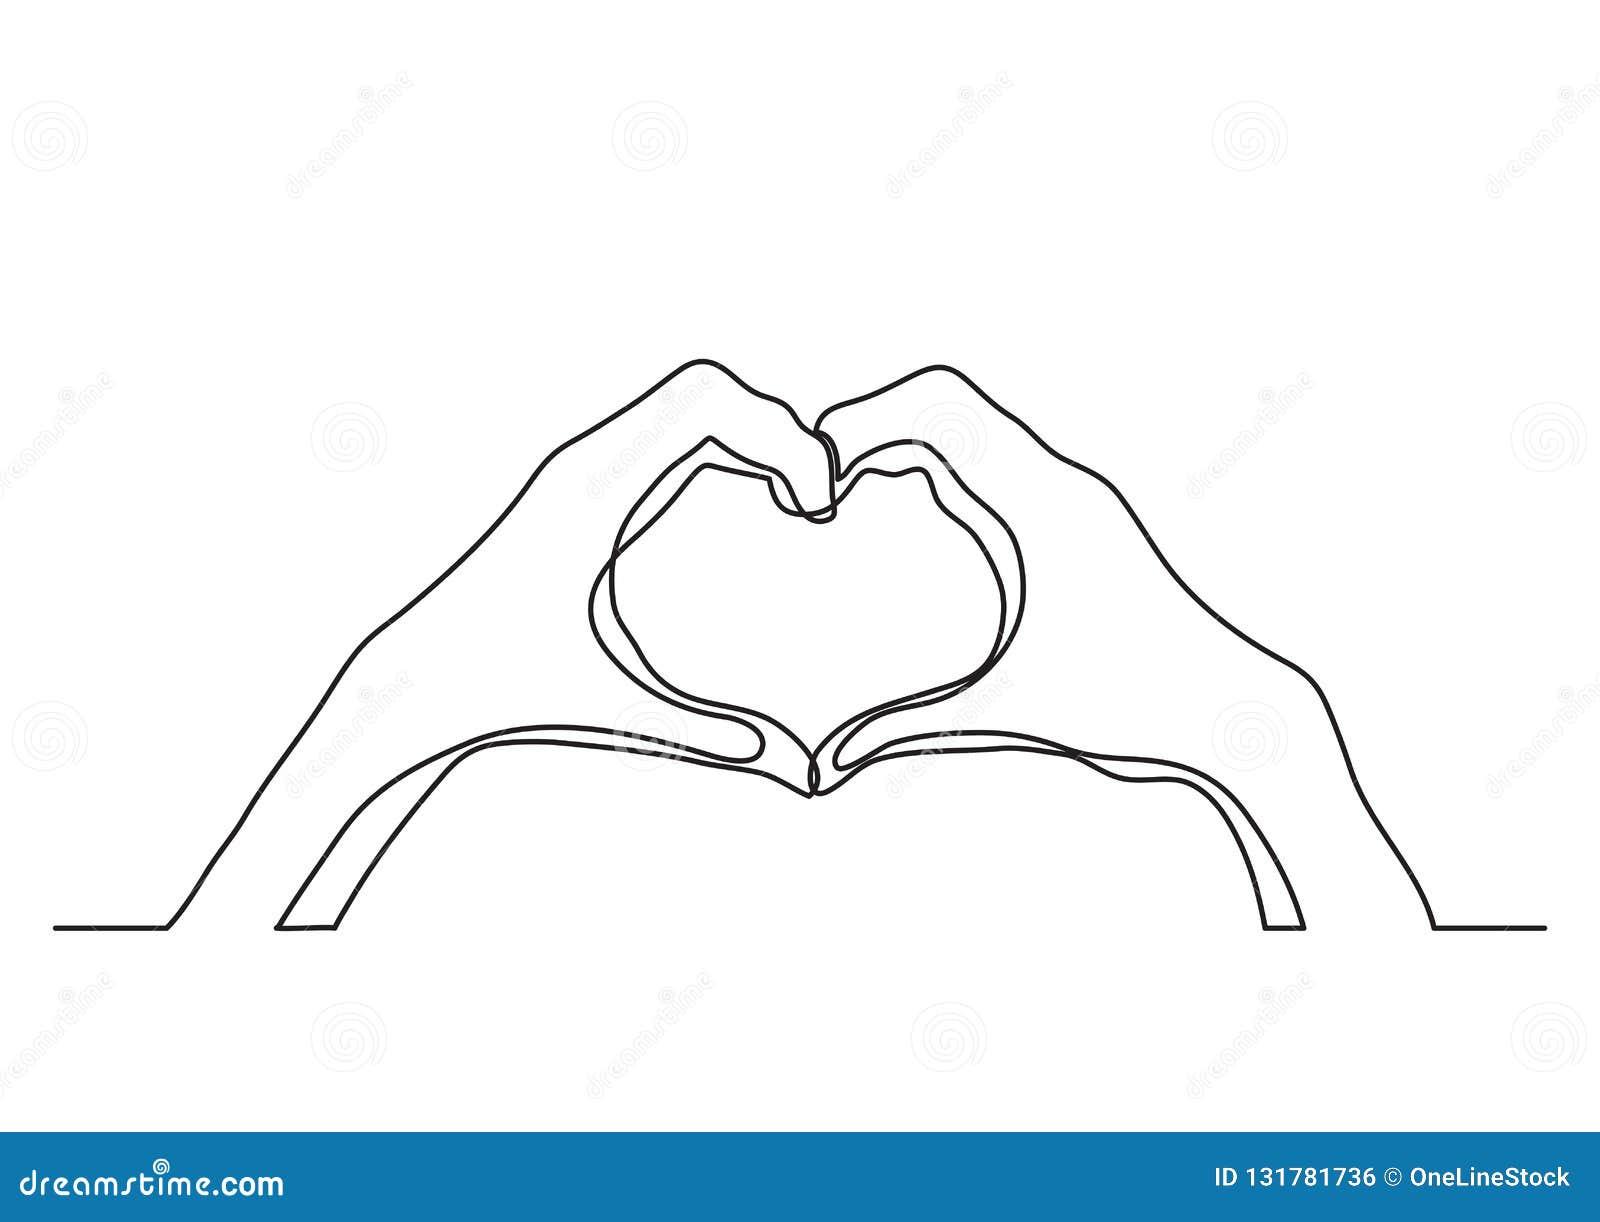 Dessin au trait continu des mains montrant le signe d amour